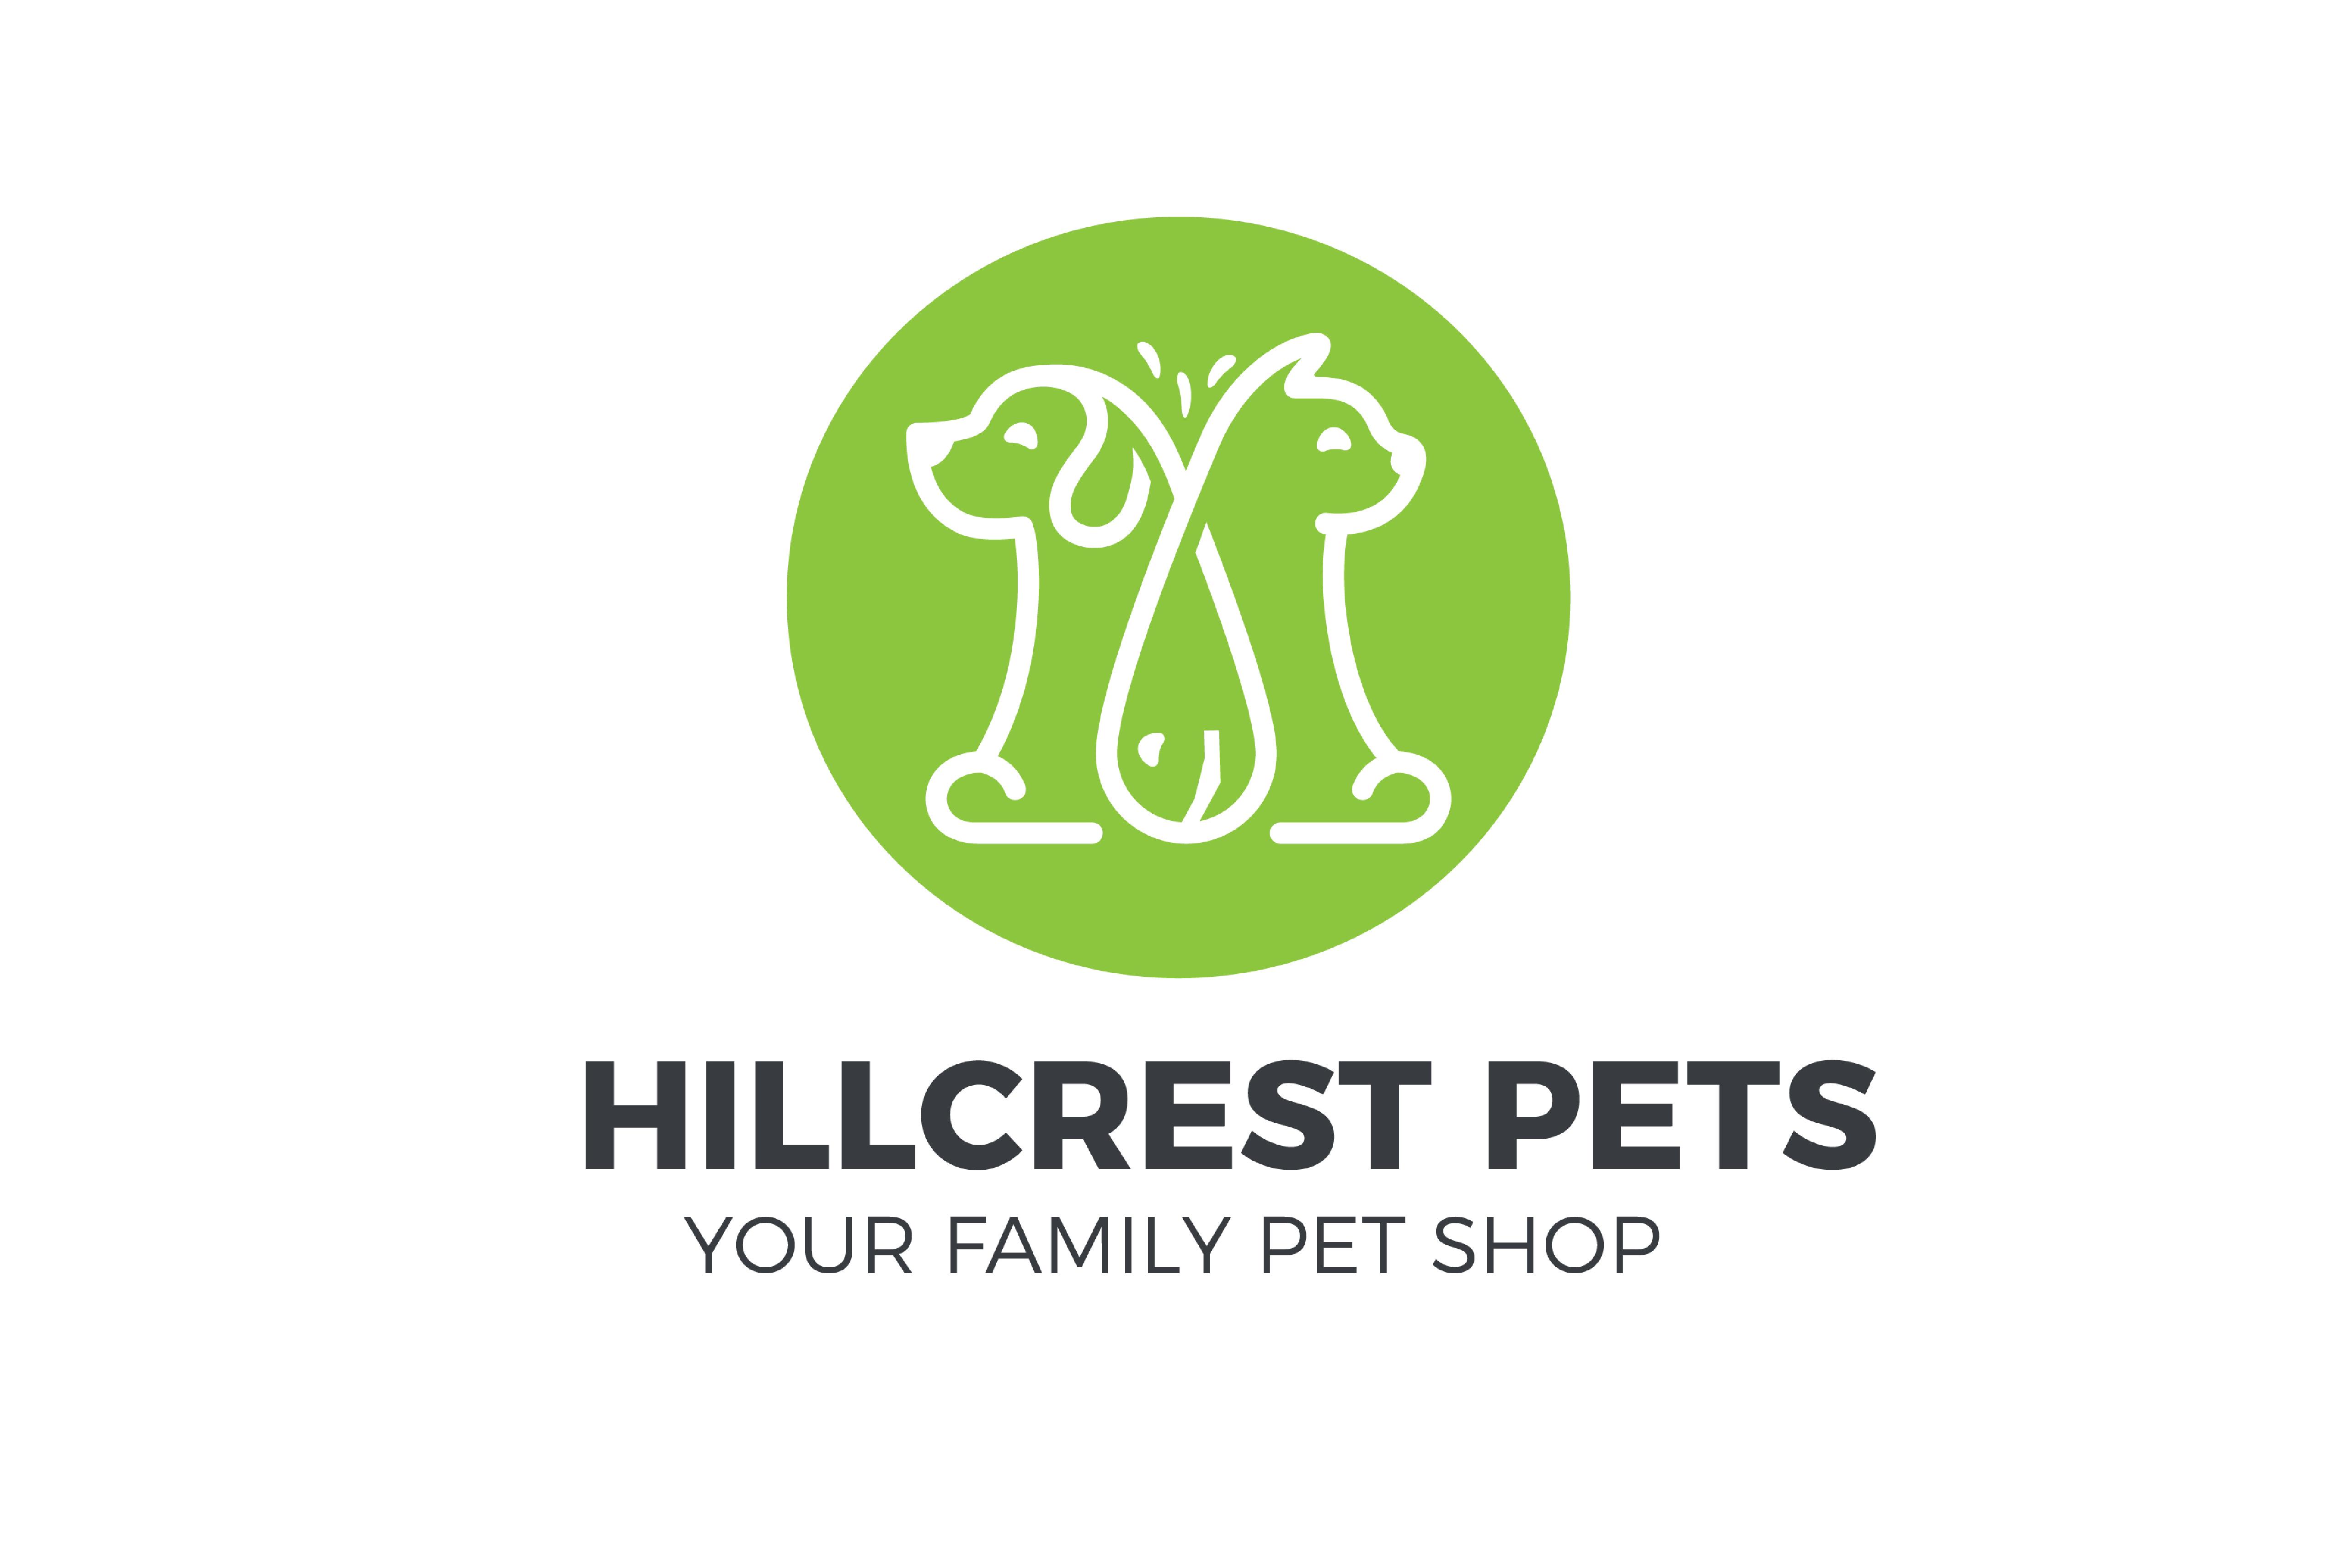 Hillcrest Pets